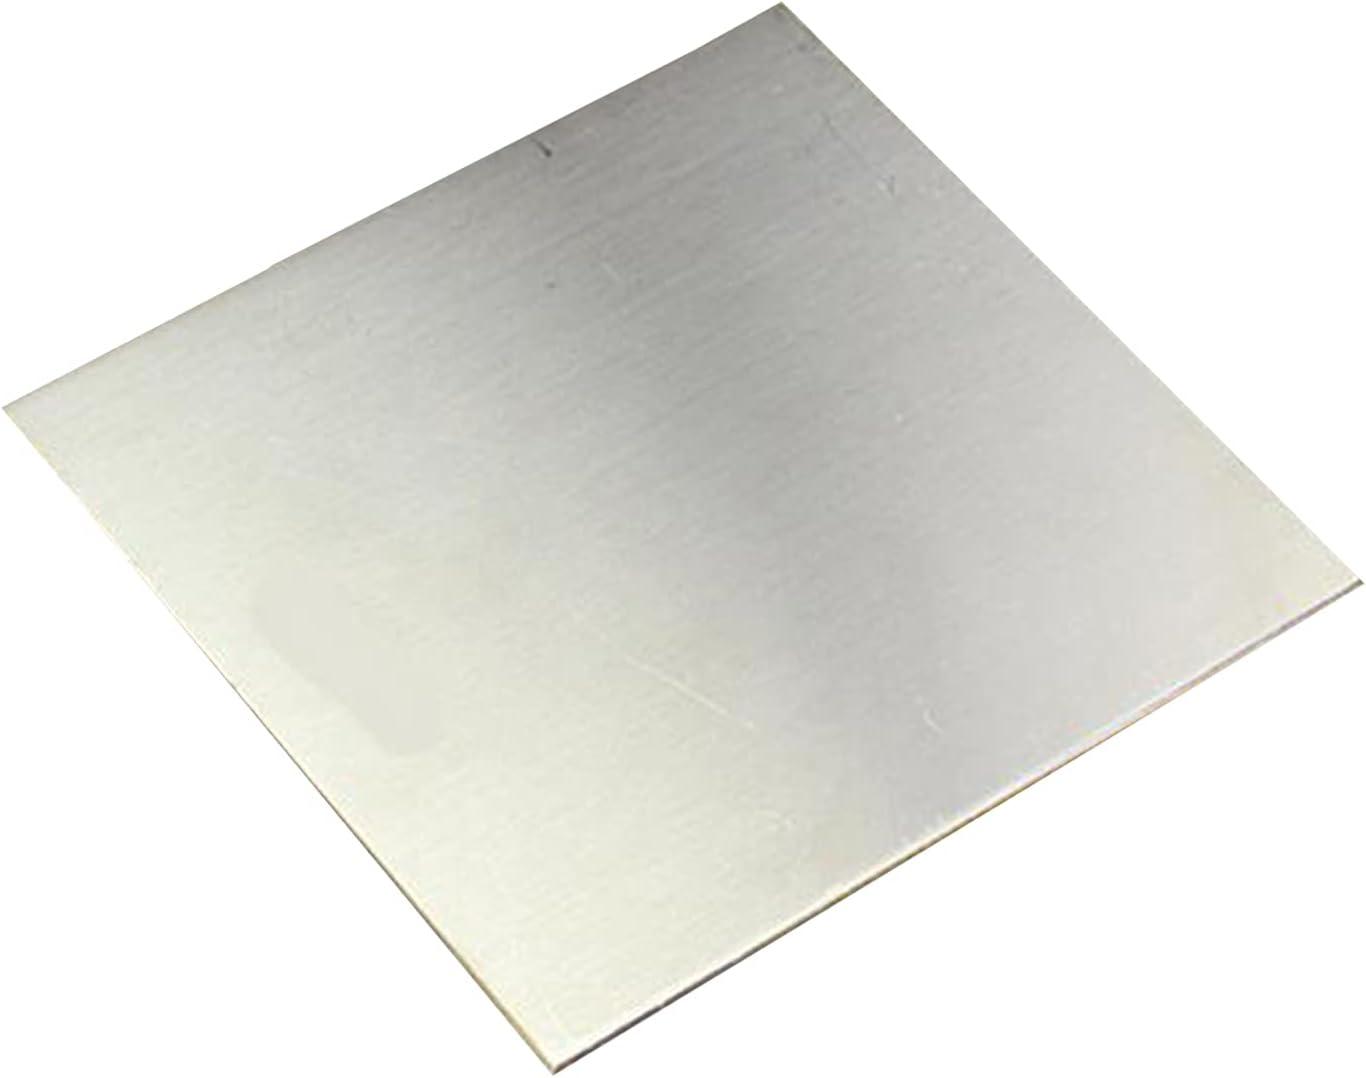 SHHMA Chapa De Acero Inoxidable Lámina De Acero Inoxidable Adecuado para El Procesamiento De Piezas Industriales,180mm x 180mm x 5mm